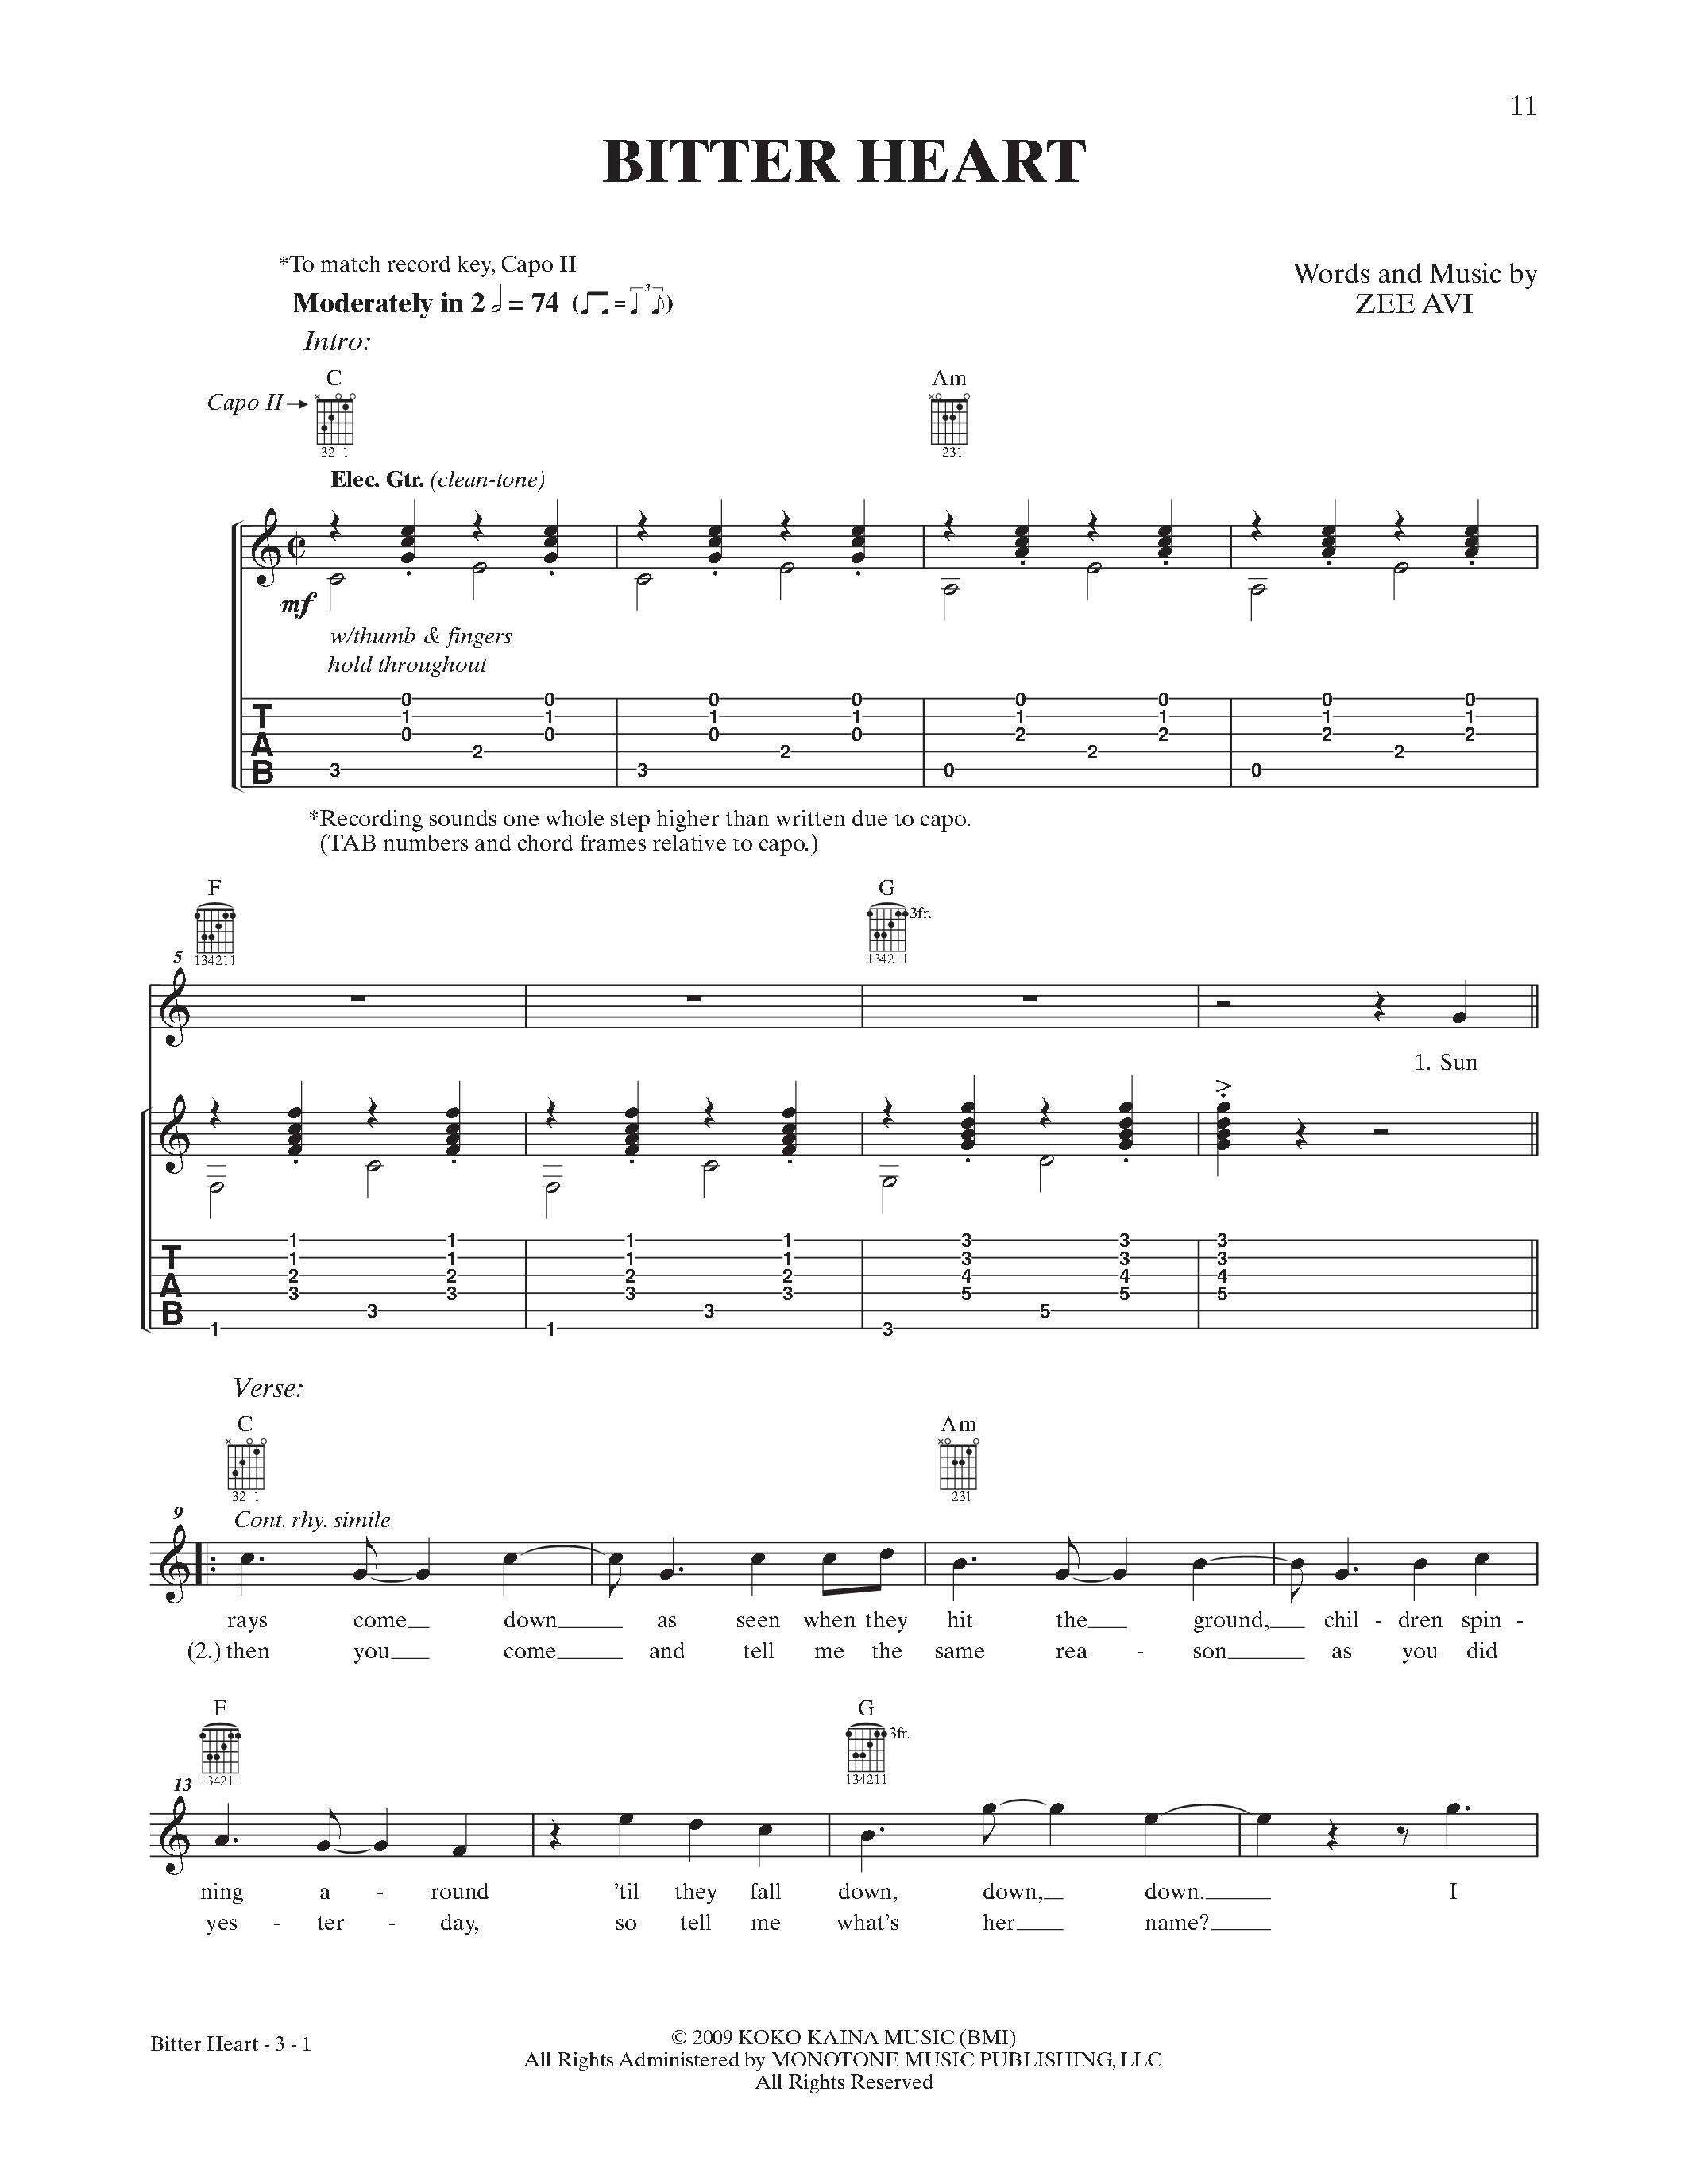 Zee Avi Guitar Songbook By Zee Avi Jw Pepper Sheet Music